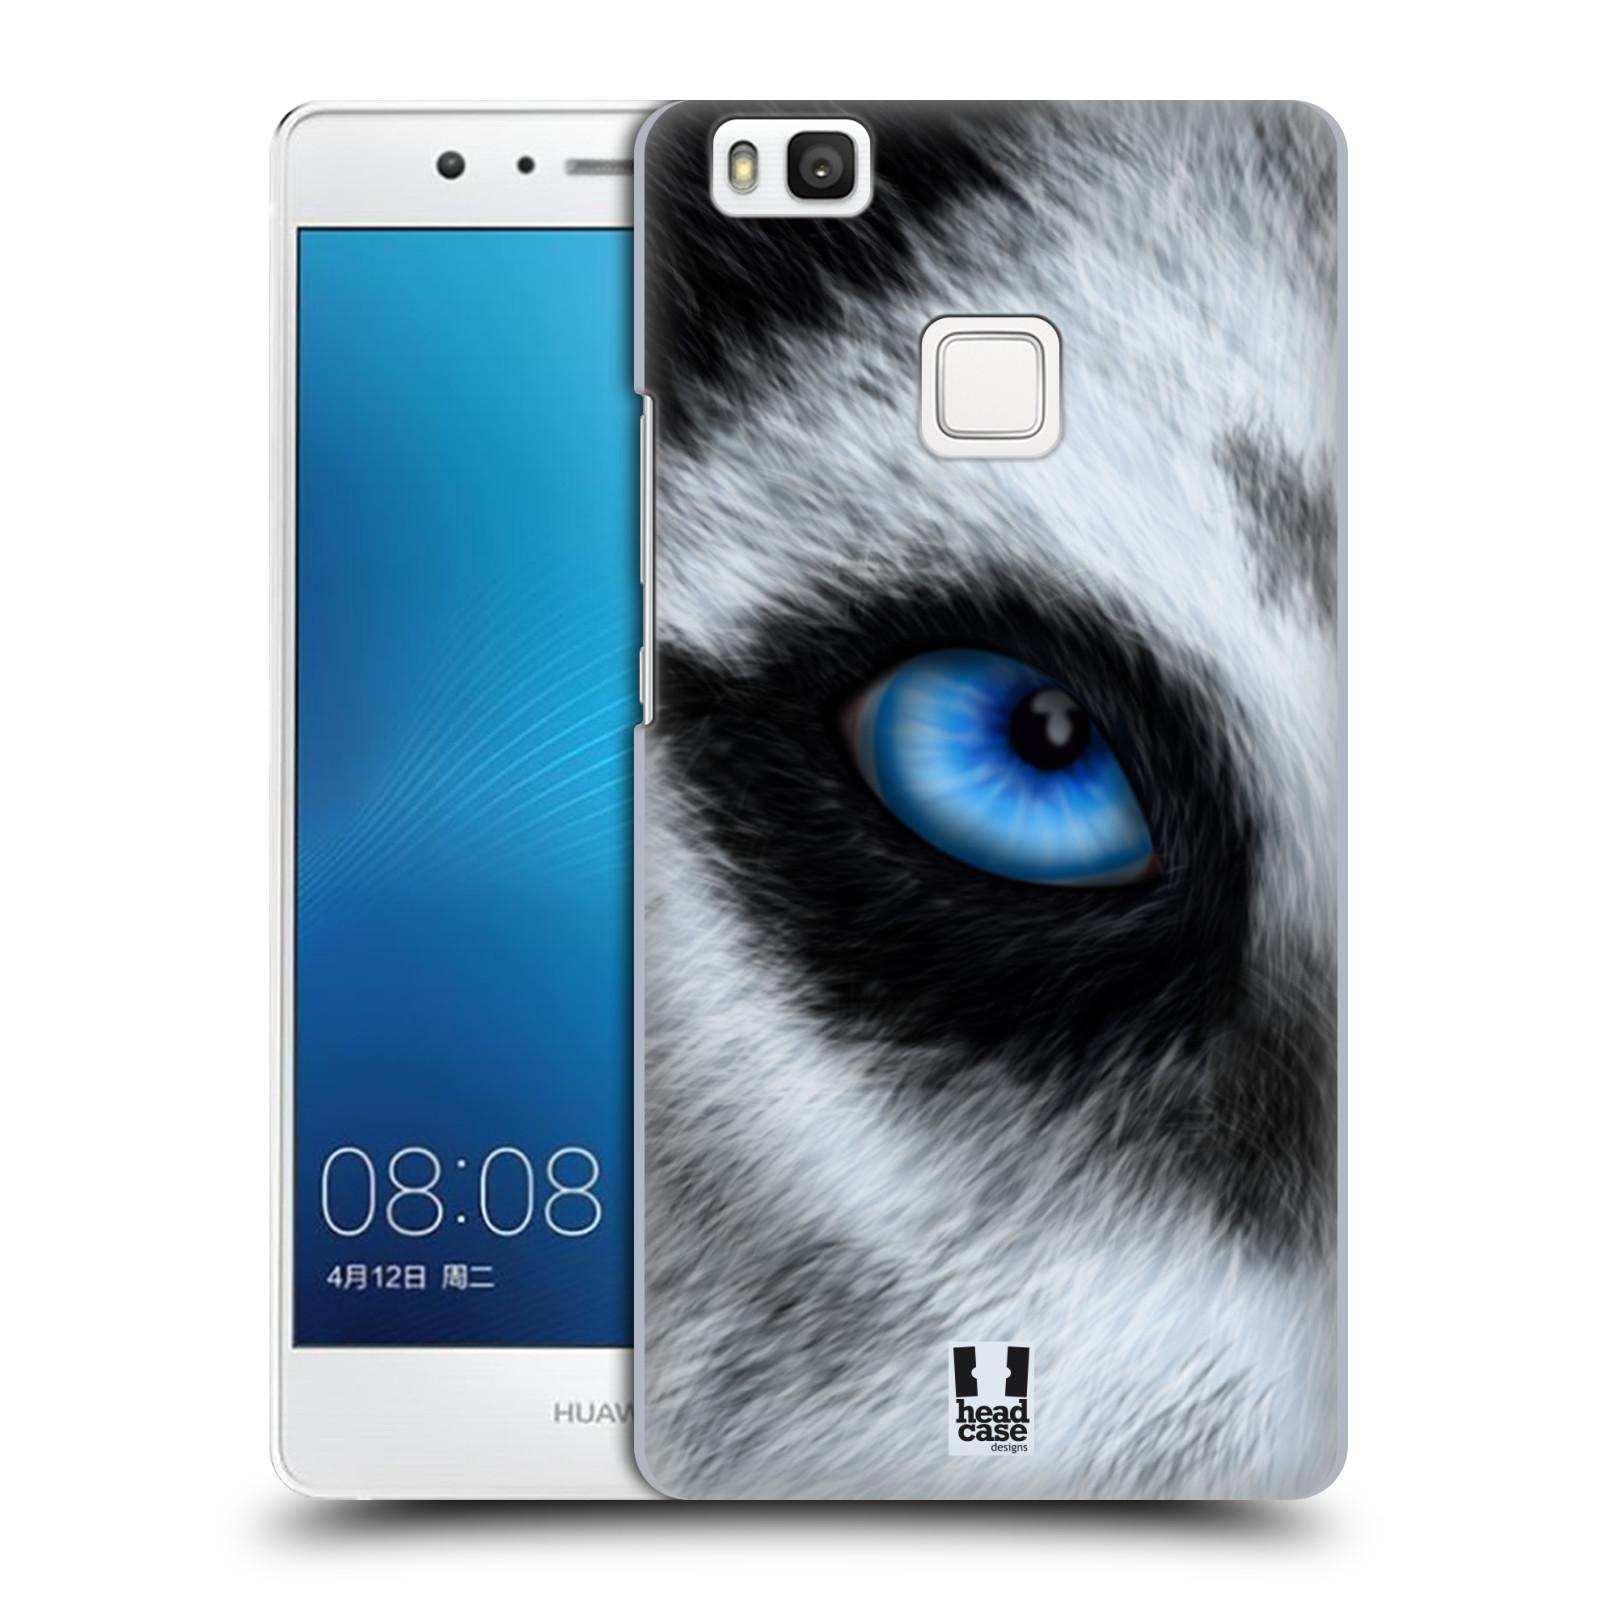 HEAD CASE plastový obal na mobil Huawei P9 LITE / P9 LITE DUAL SIM vzor pohled zvířete oko pes husky